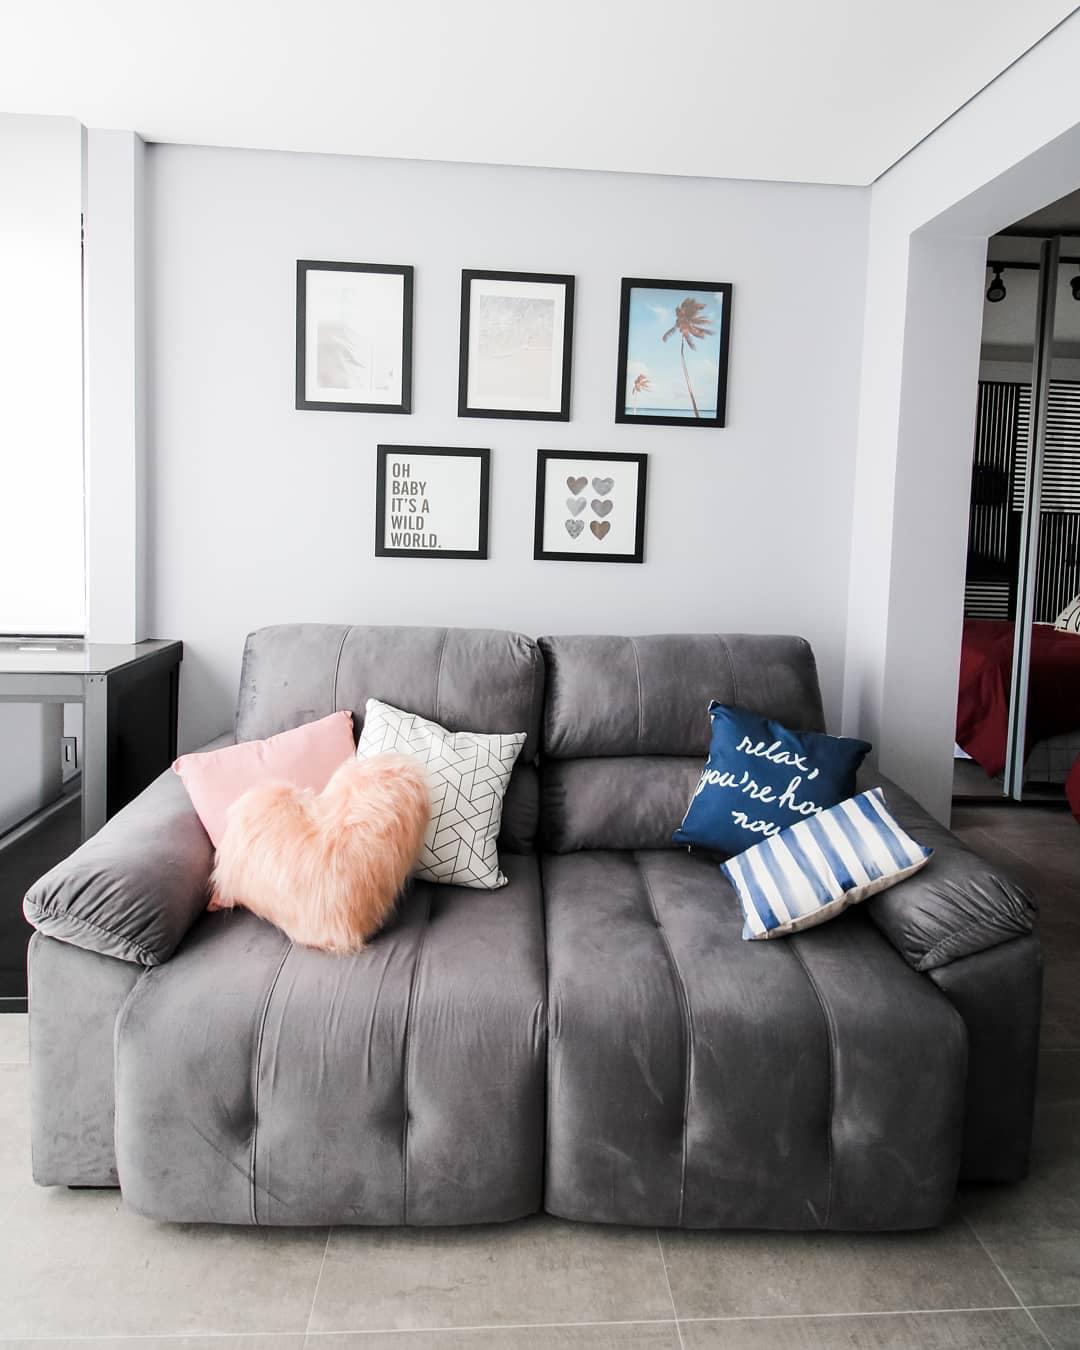 sofa retratil cinza com almofadas e quadros